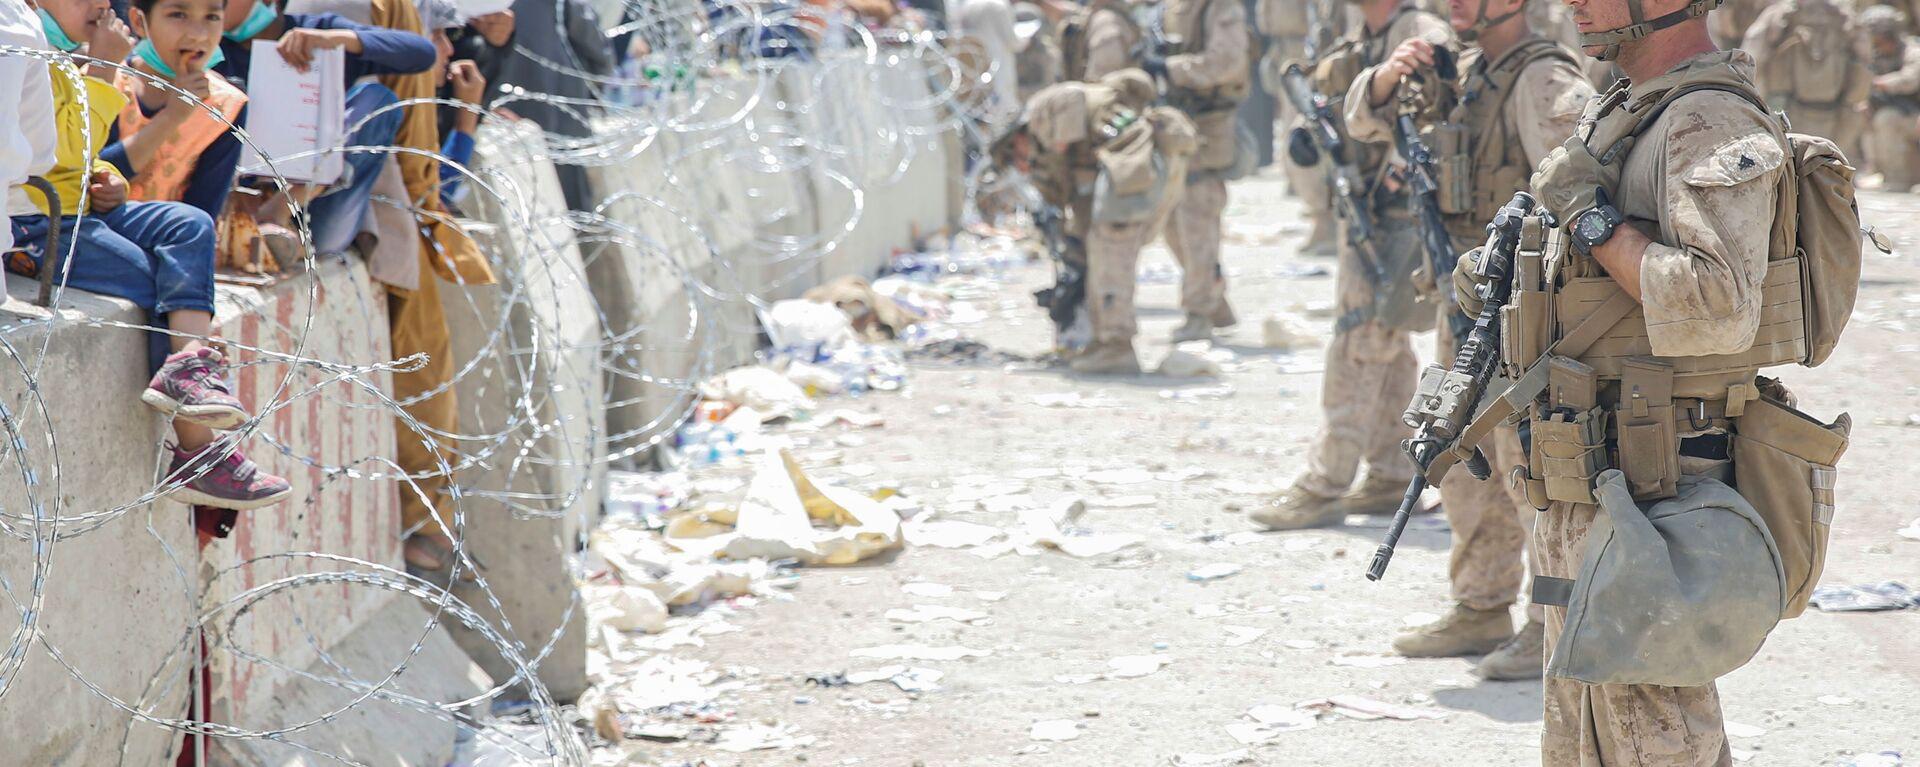 Американские солдаты в аэропорту Кабула  - Sputnik Тоҷикистон, 1920, 24.08.2021